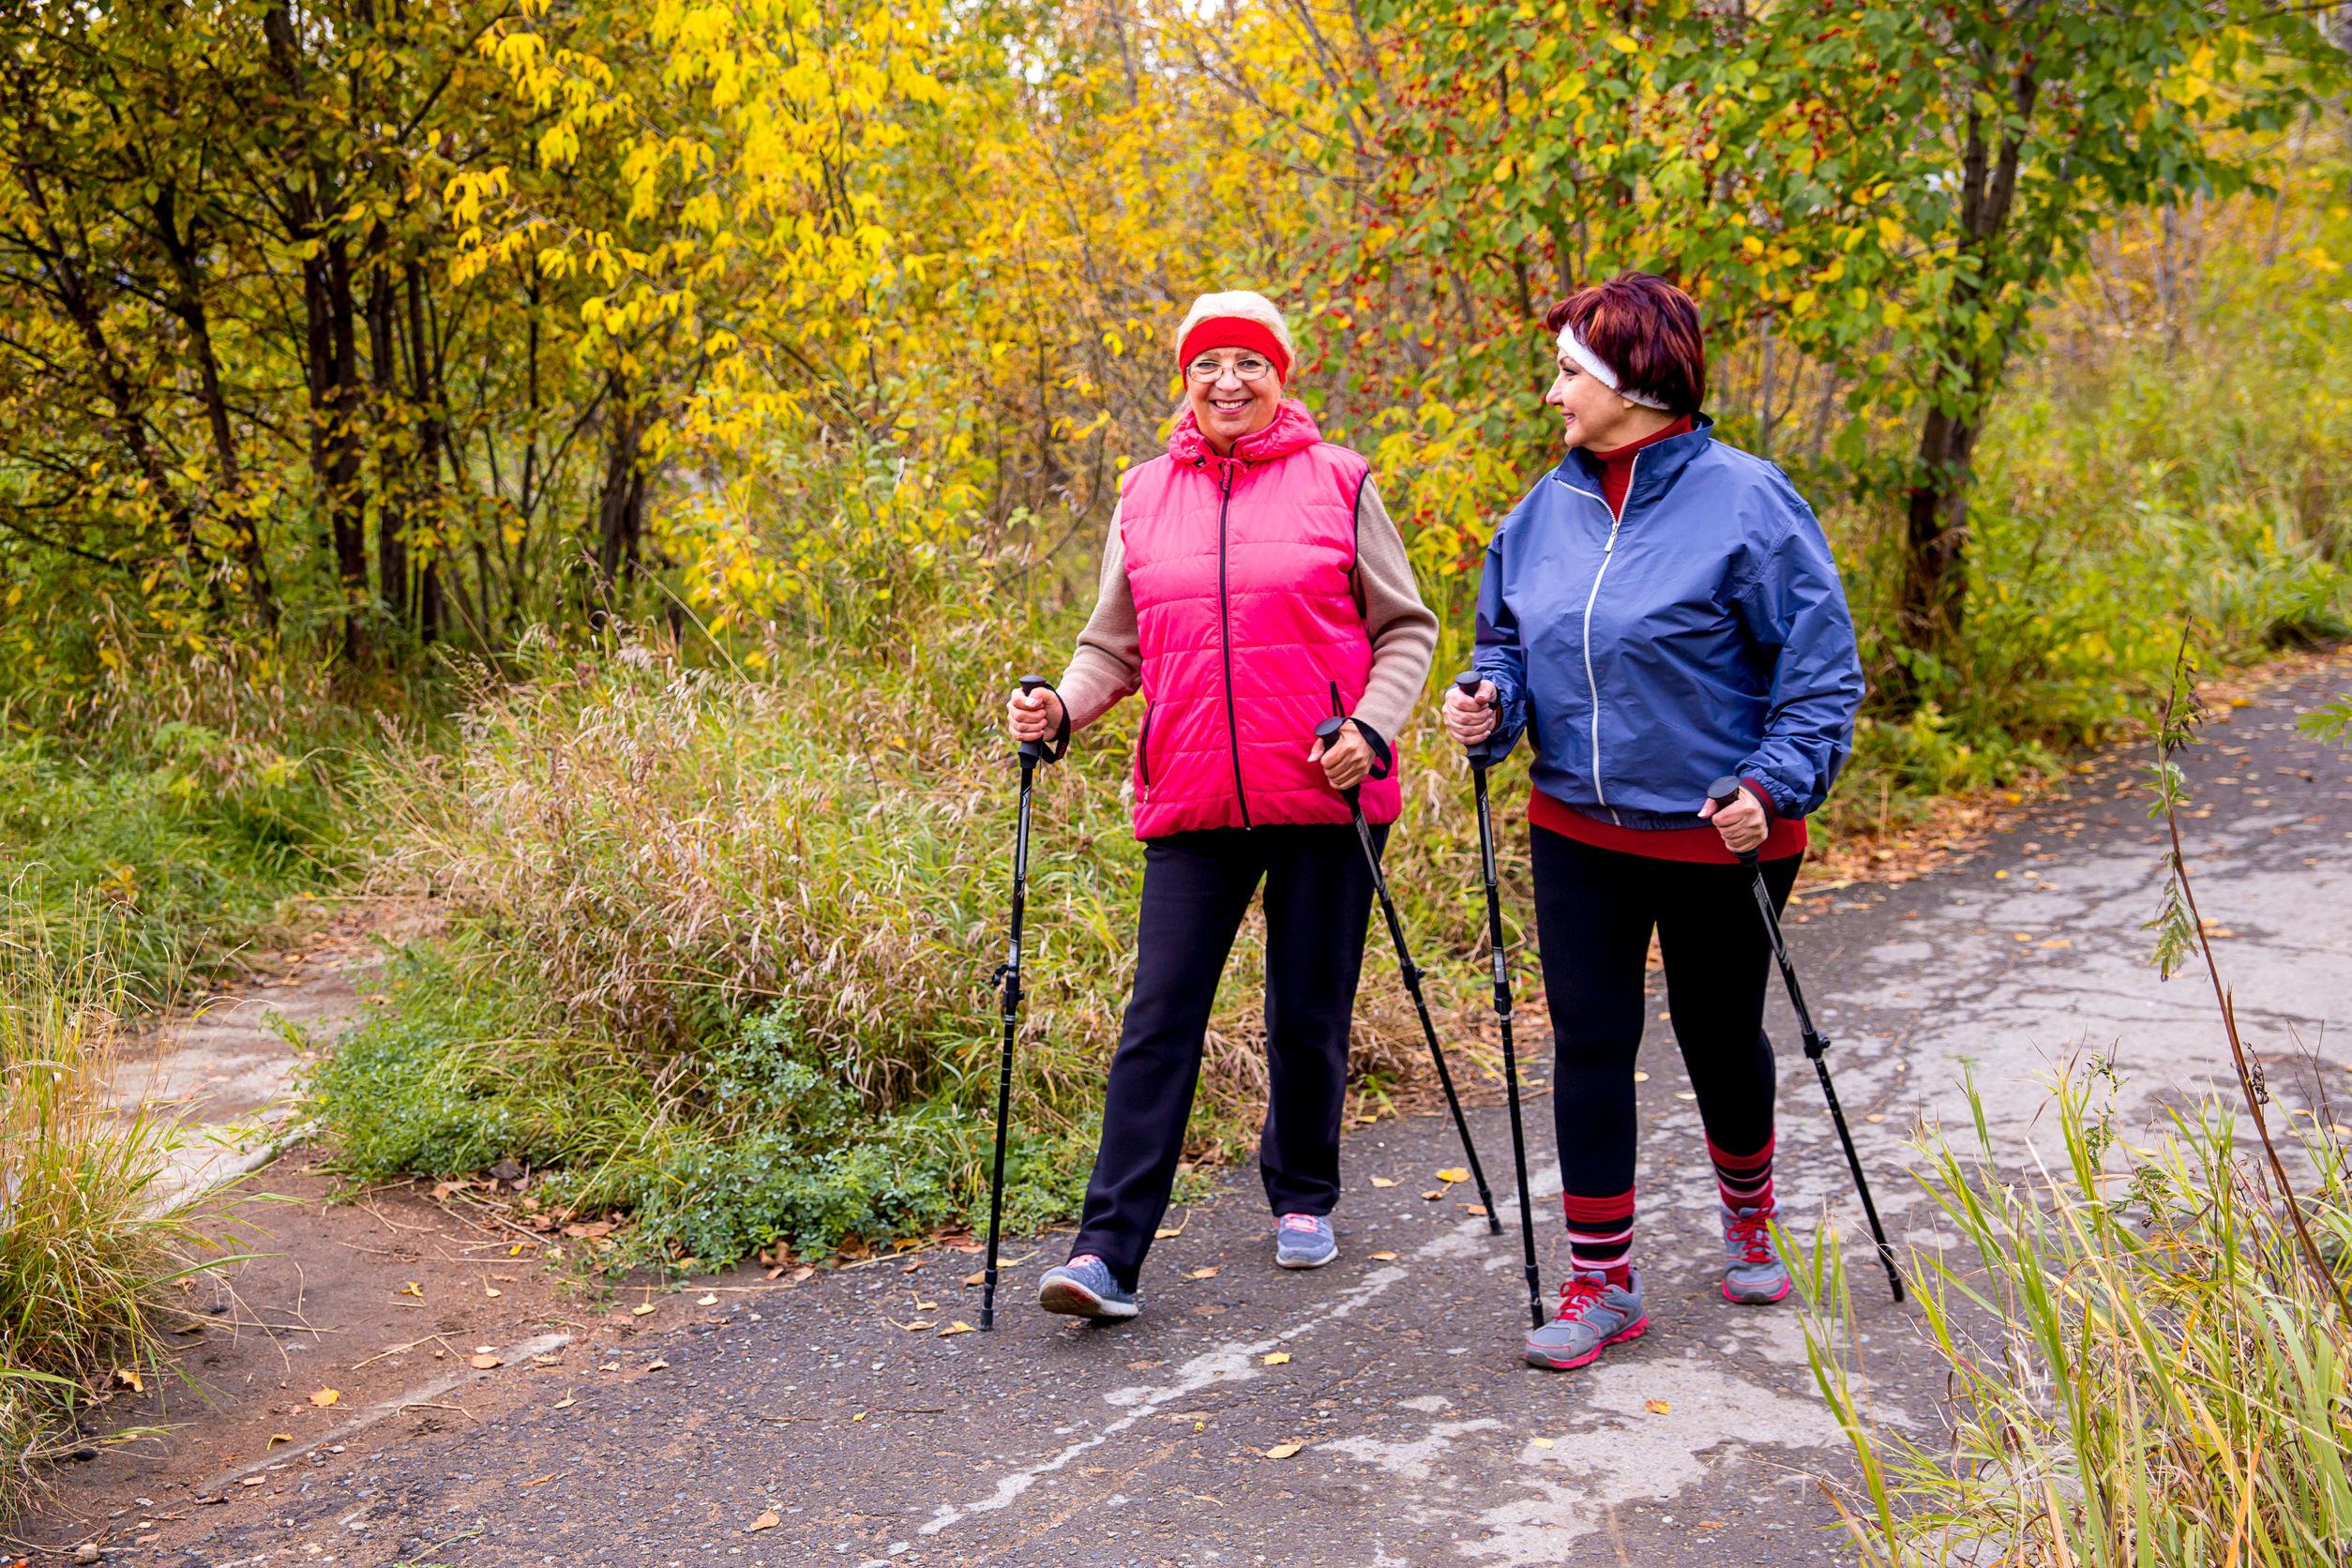 magas vérnyomás esetén gyakorolhatja a nordic walkingot